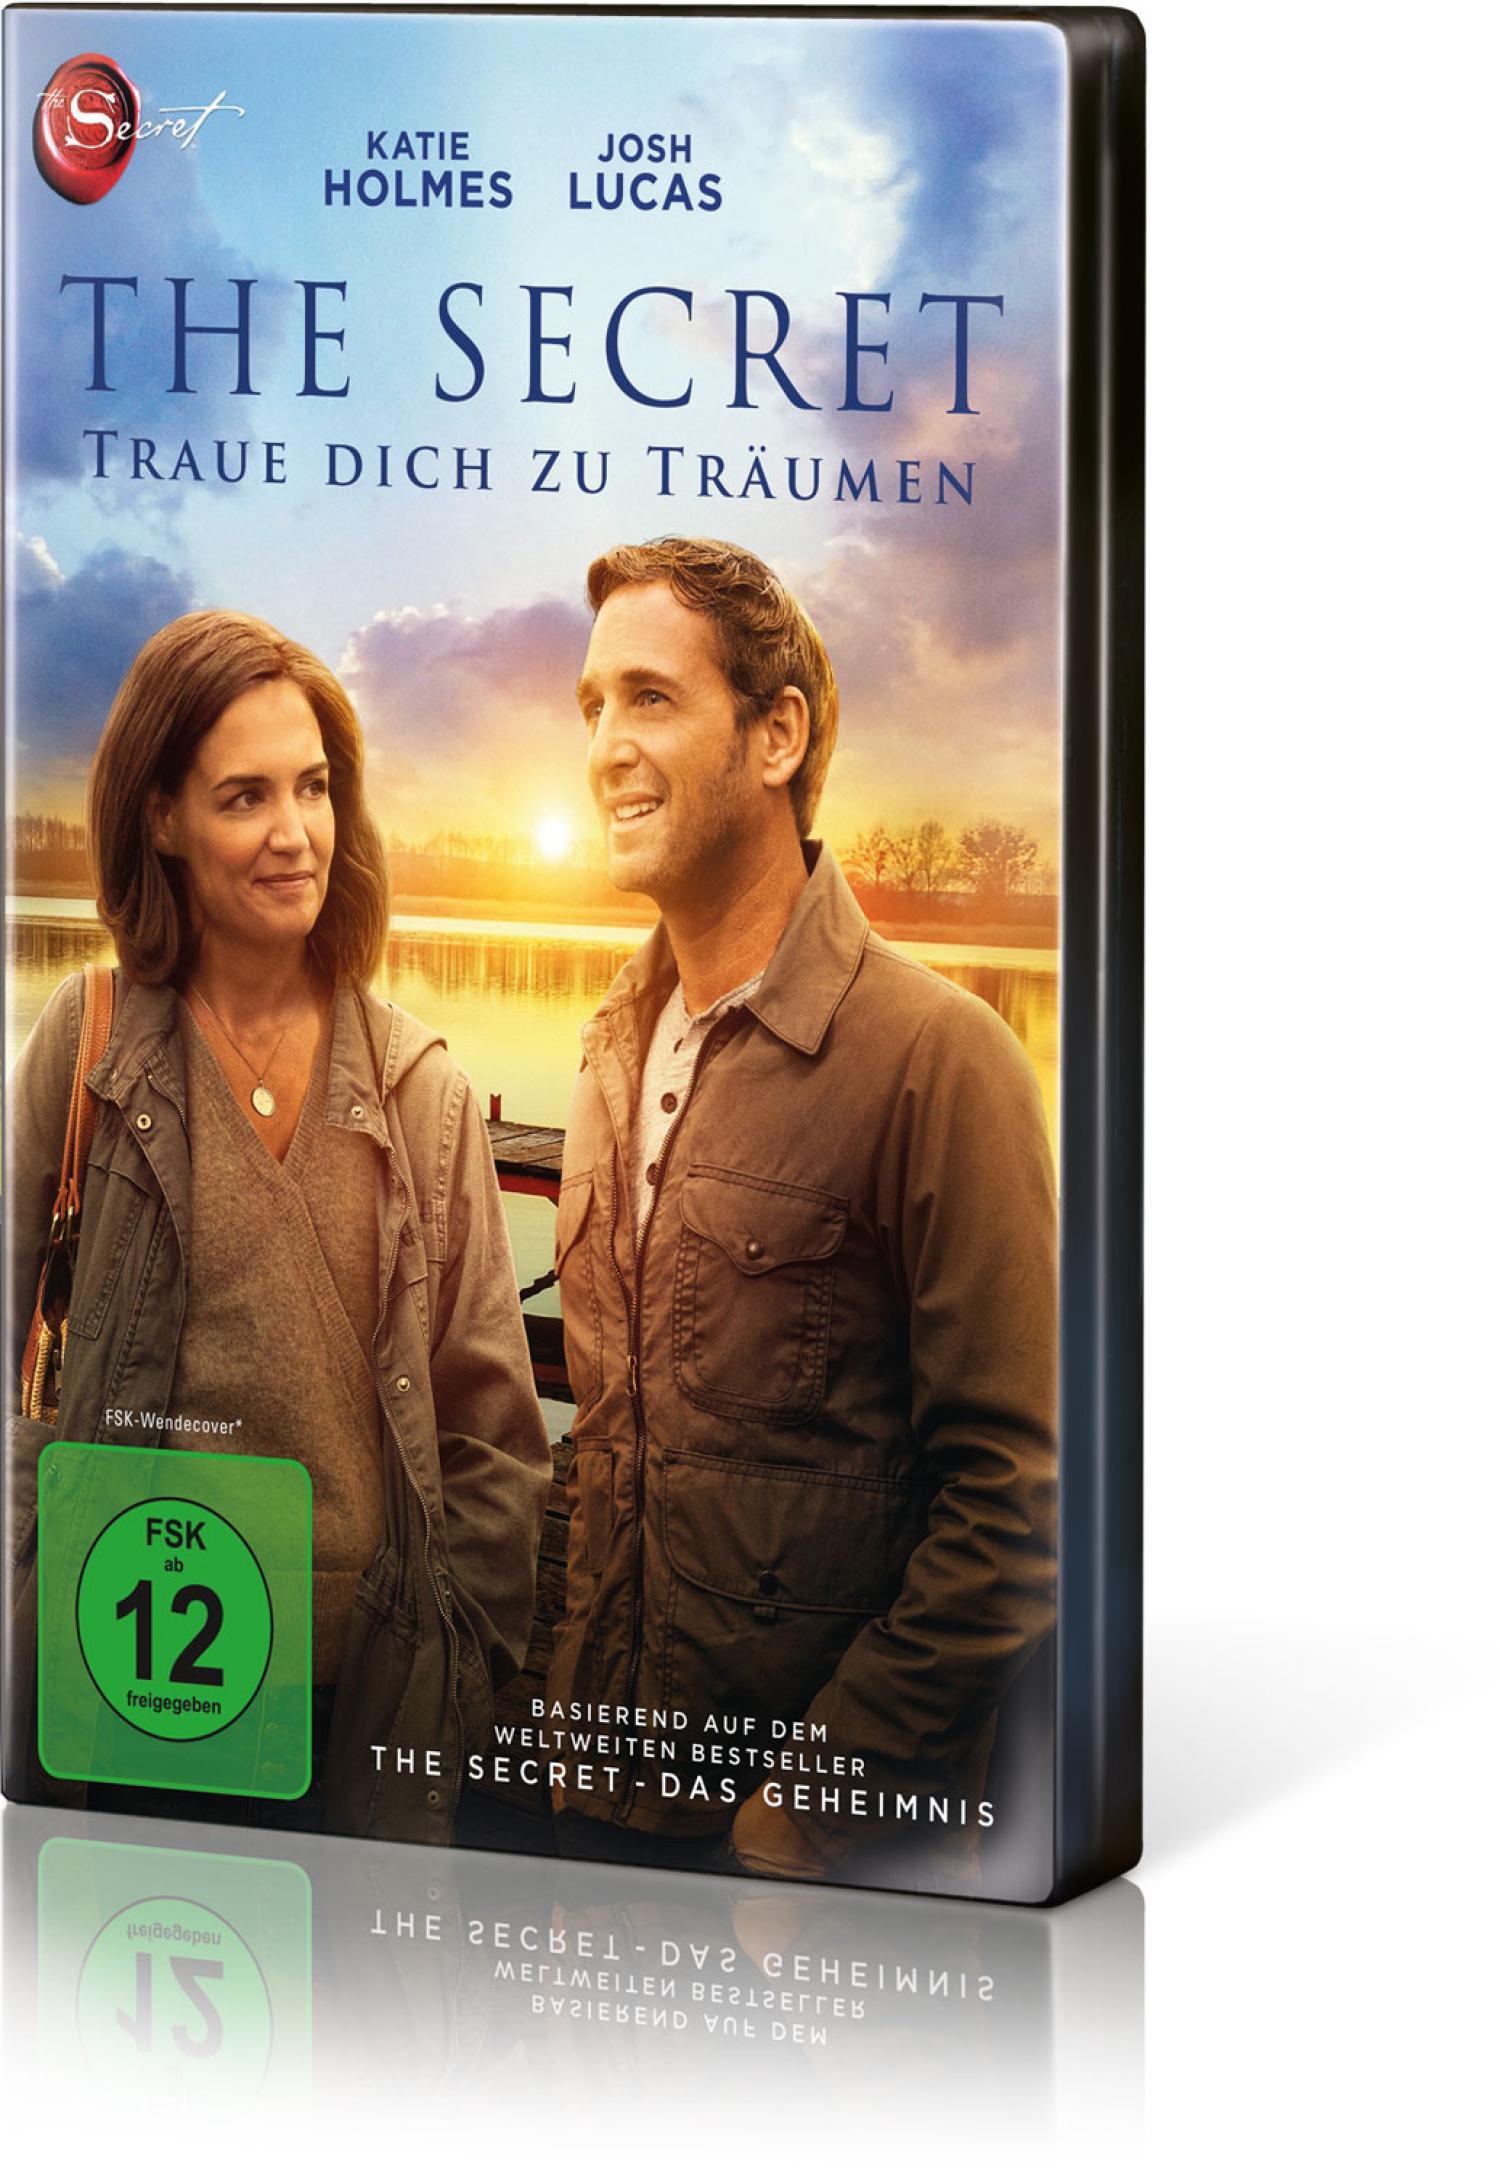 The Secret – Traue dich zu träumen (DVD), Produktbild 1